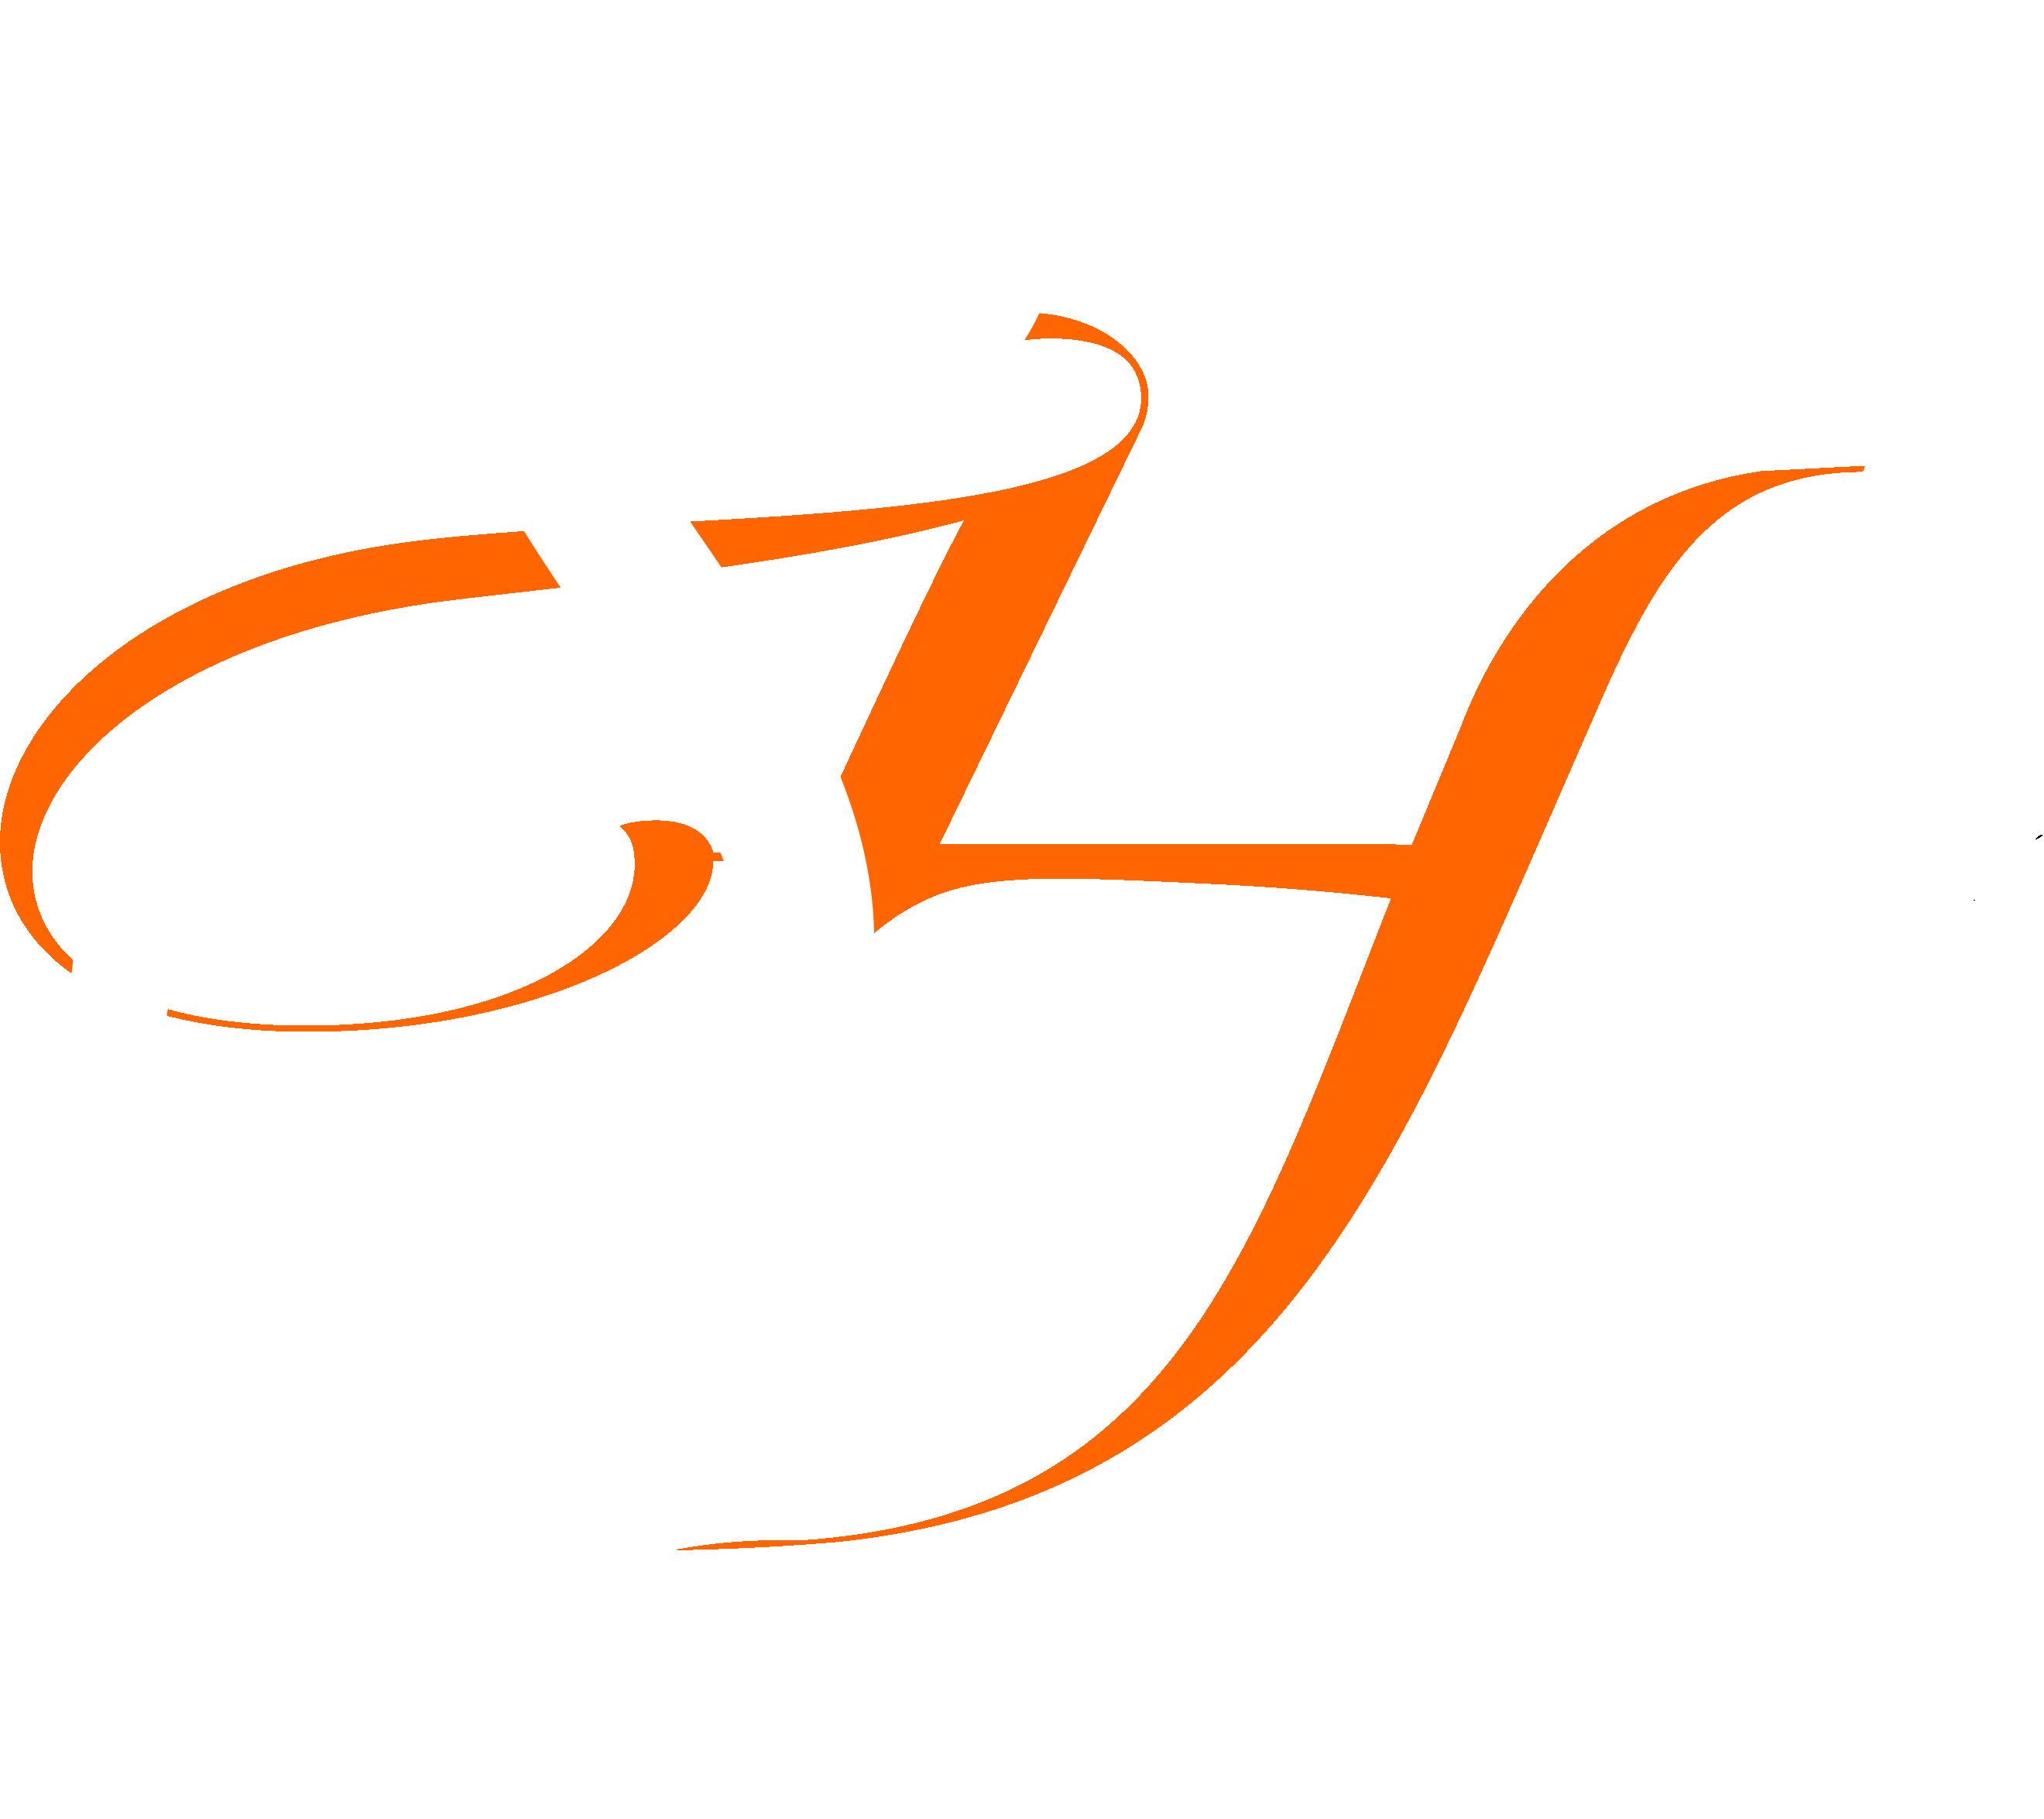 SHOPHANG